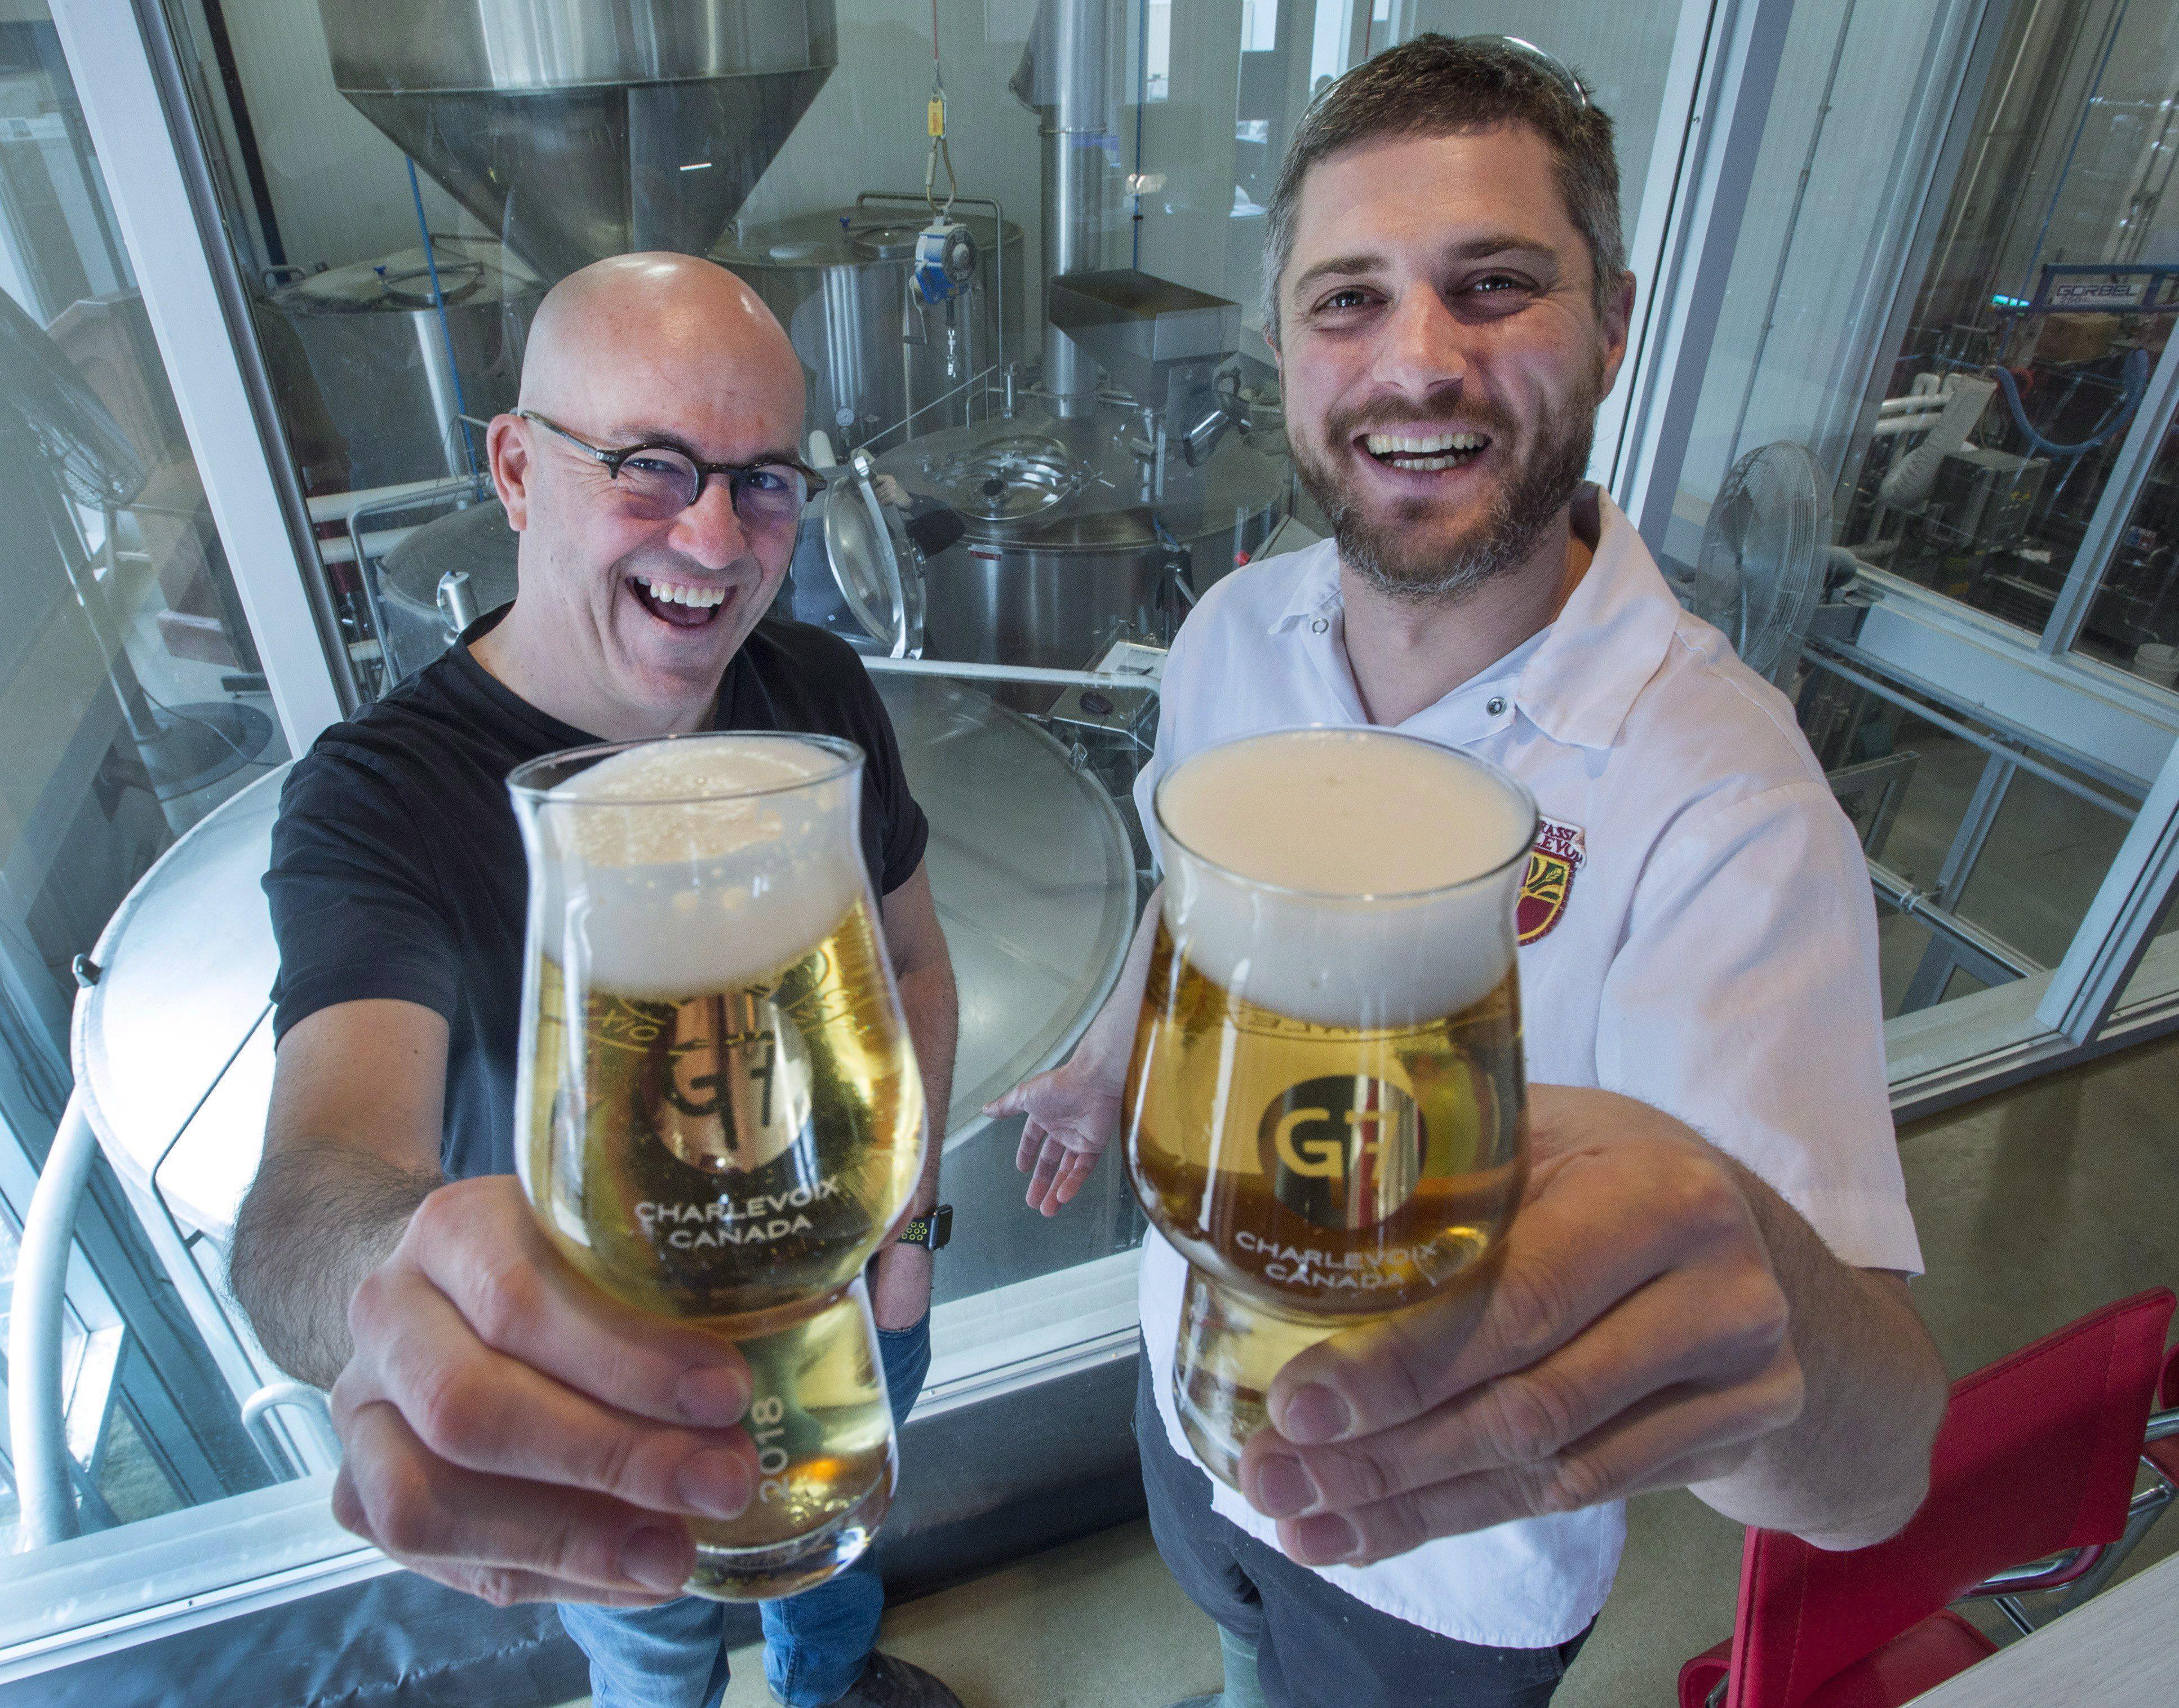 La Microbrasserie Charlevoix a brassé une bière en l'honneur du G7 à La Malbaie, ce